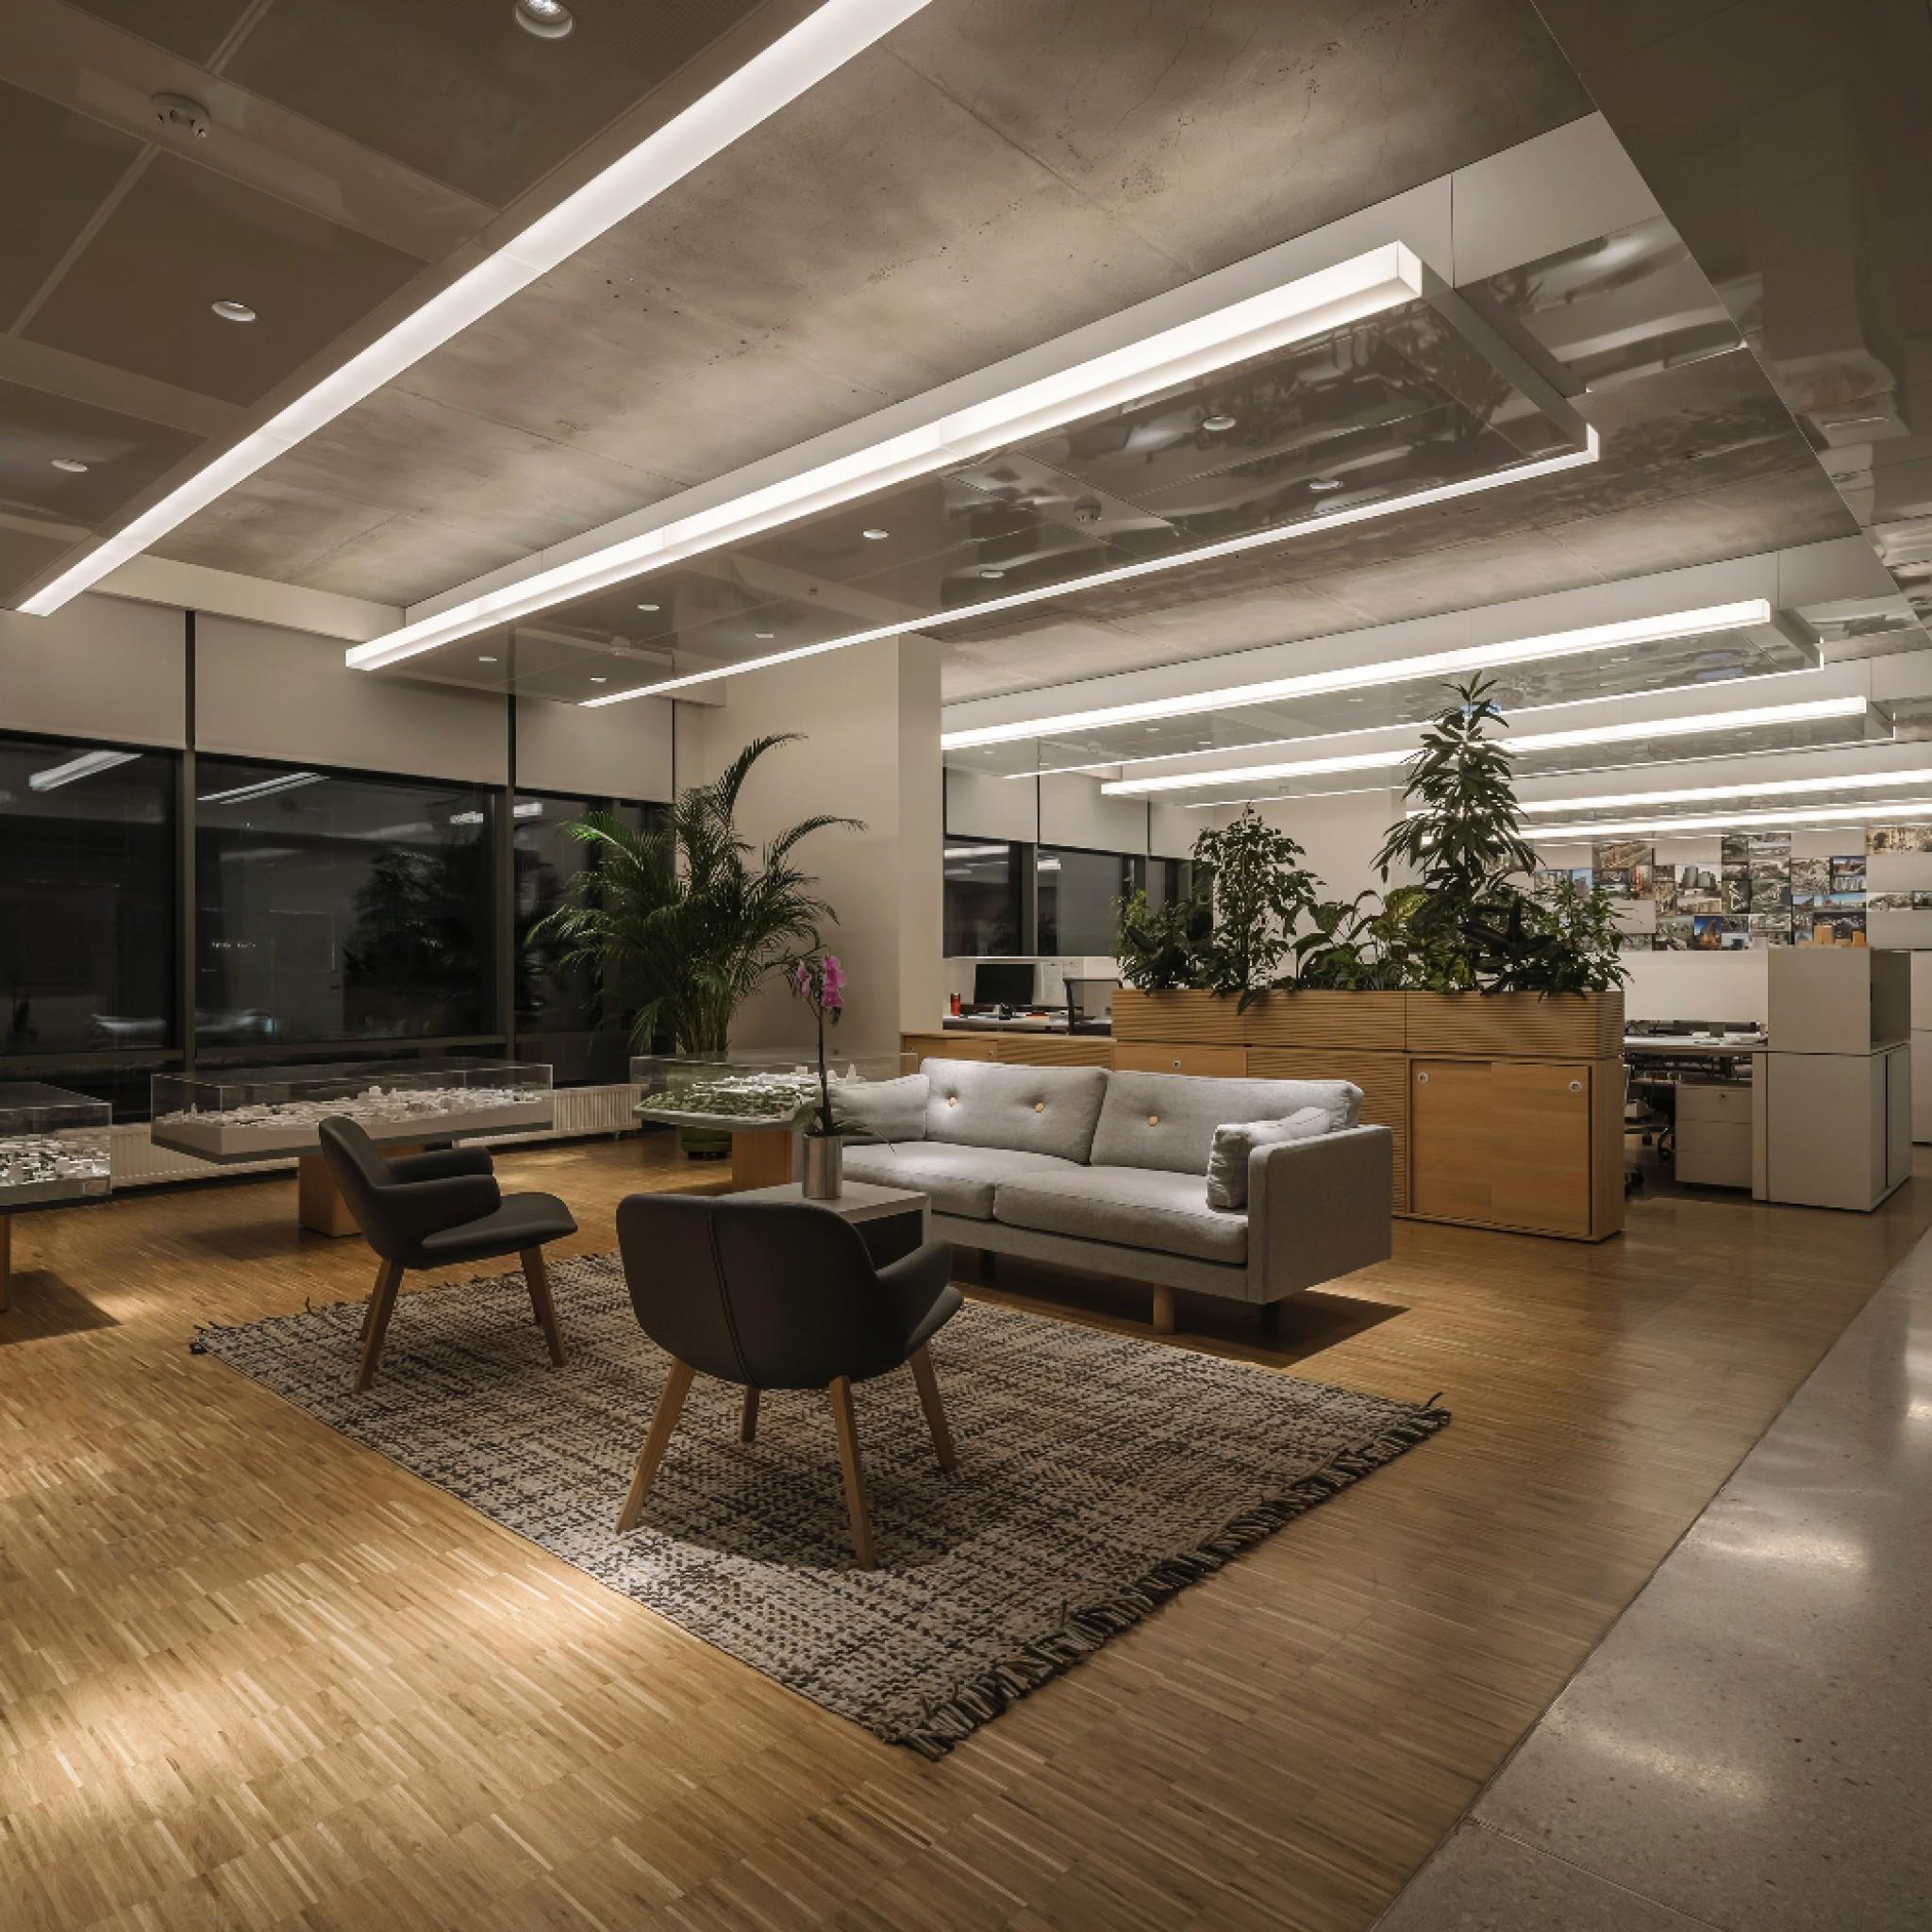 office lighting dezeen awards 2020